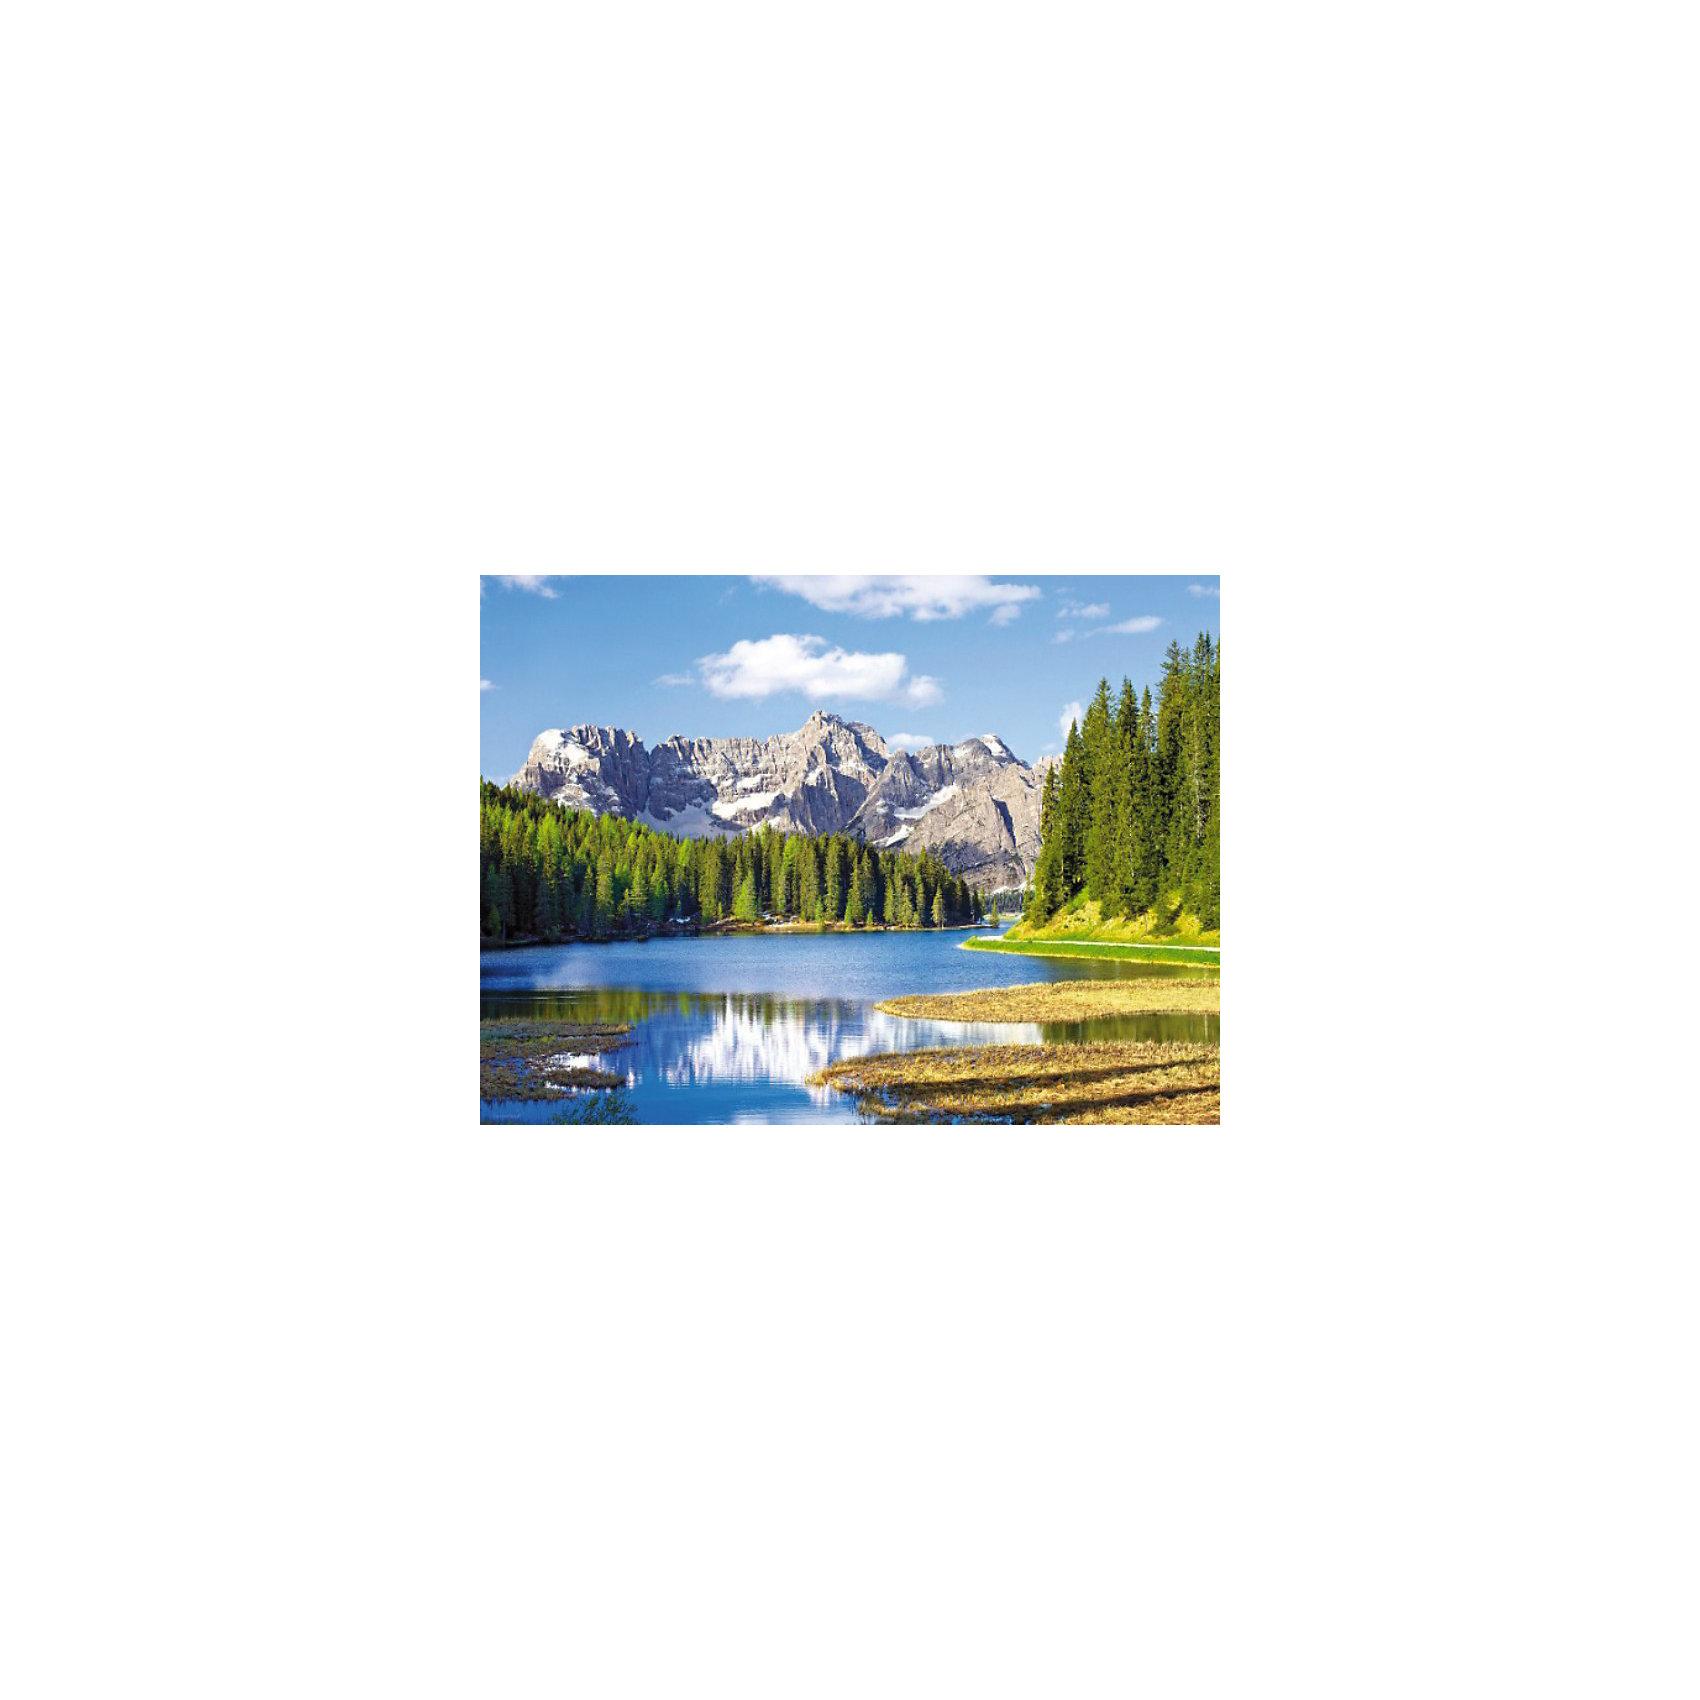 Пазл Озеро, 3000 деталей, CastorlandКлассические пазлы<br>Изображение: Озеро в горах. Кол-во деталей 3000.<br><br>Размер картины: 920x680 мм<br><br>Ширина мм: 385<br>Глубина мм: 275<br>Высота мм: 50<br>Вес г: 950<br>Возраст от месяцев: 192<br>Возраст до месяцев: 1188<br>Пол: Унисекс<br>Возраст: Детский<br>Количество деталей: 3000<br>SKU: 2328213